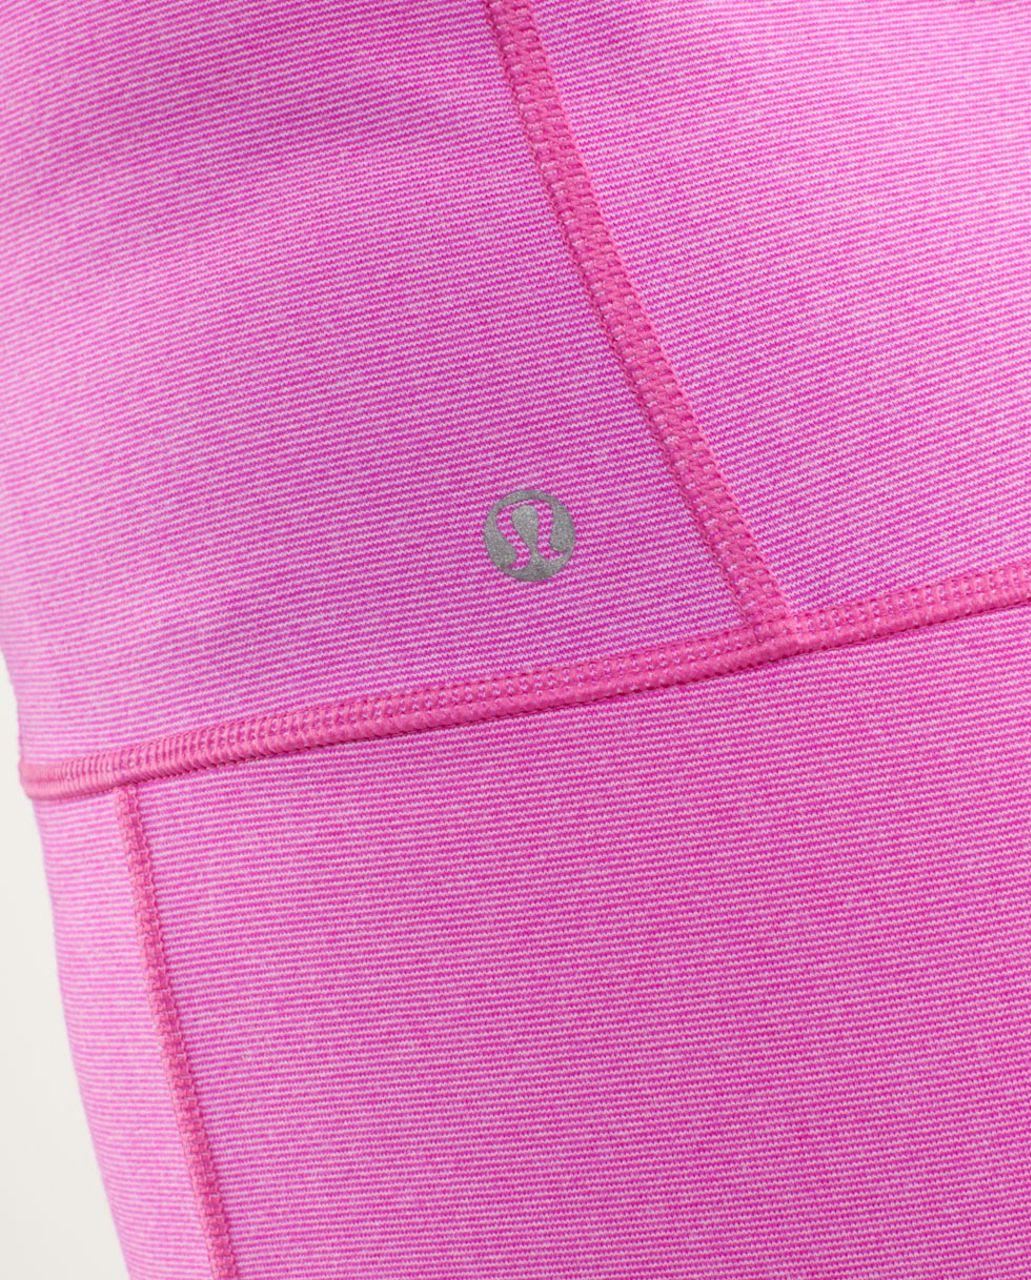 Lululemon Stride Jacket - Paris Pink White Microstripe /  Paris Pink